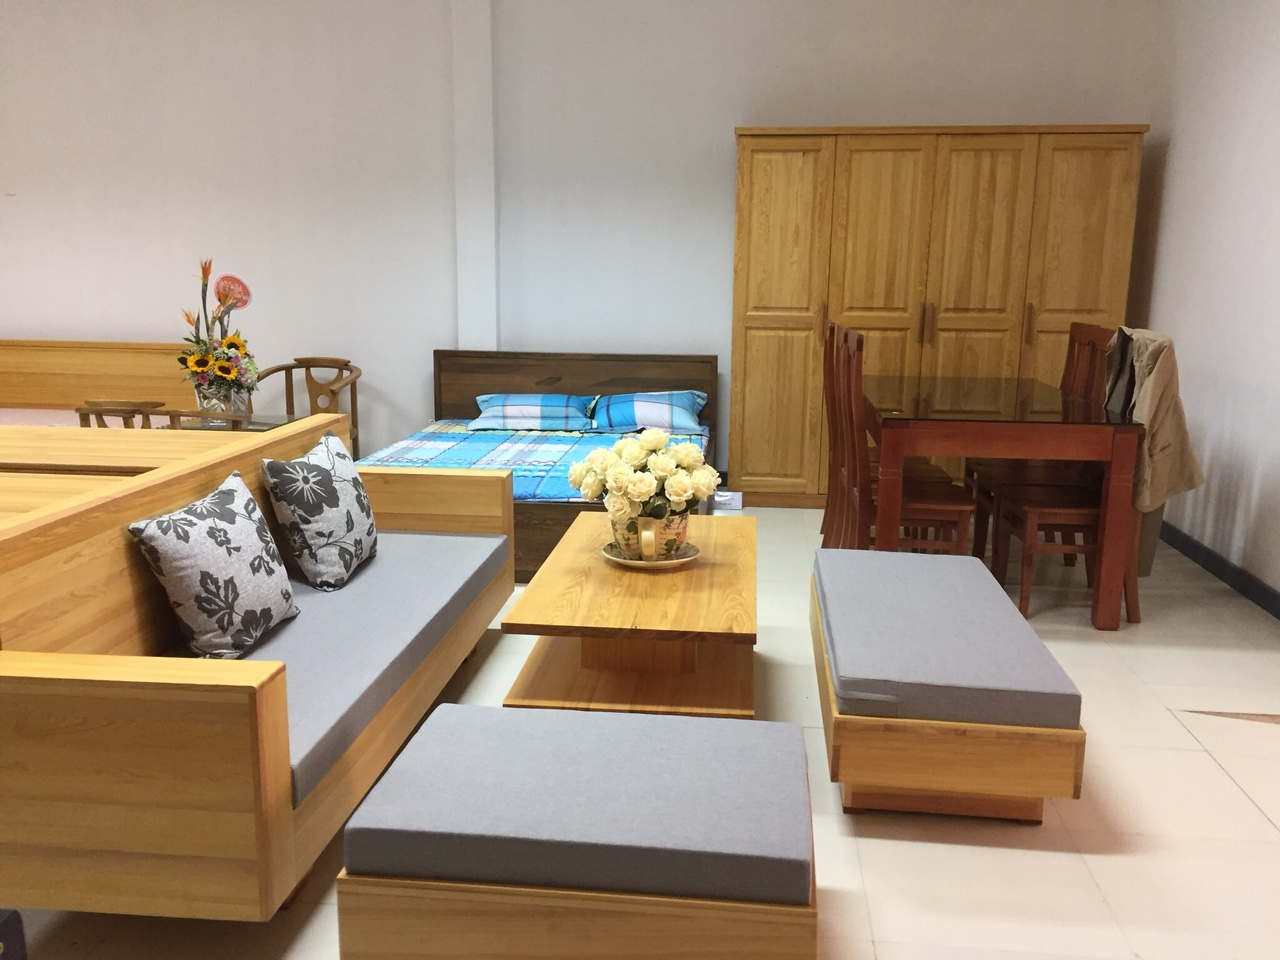 Nhà phân phối nội thất đồ gỗ tại Quỳnh Lưu - Diễn Châu